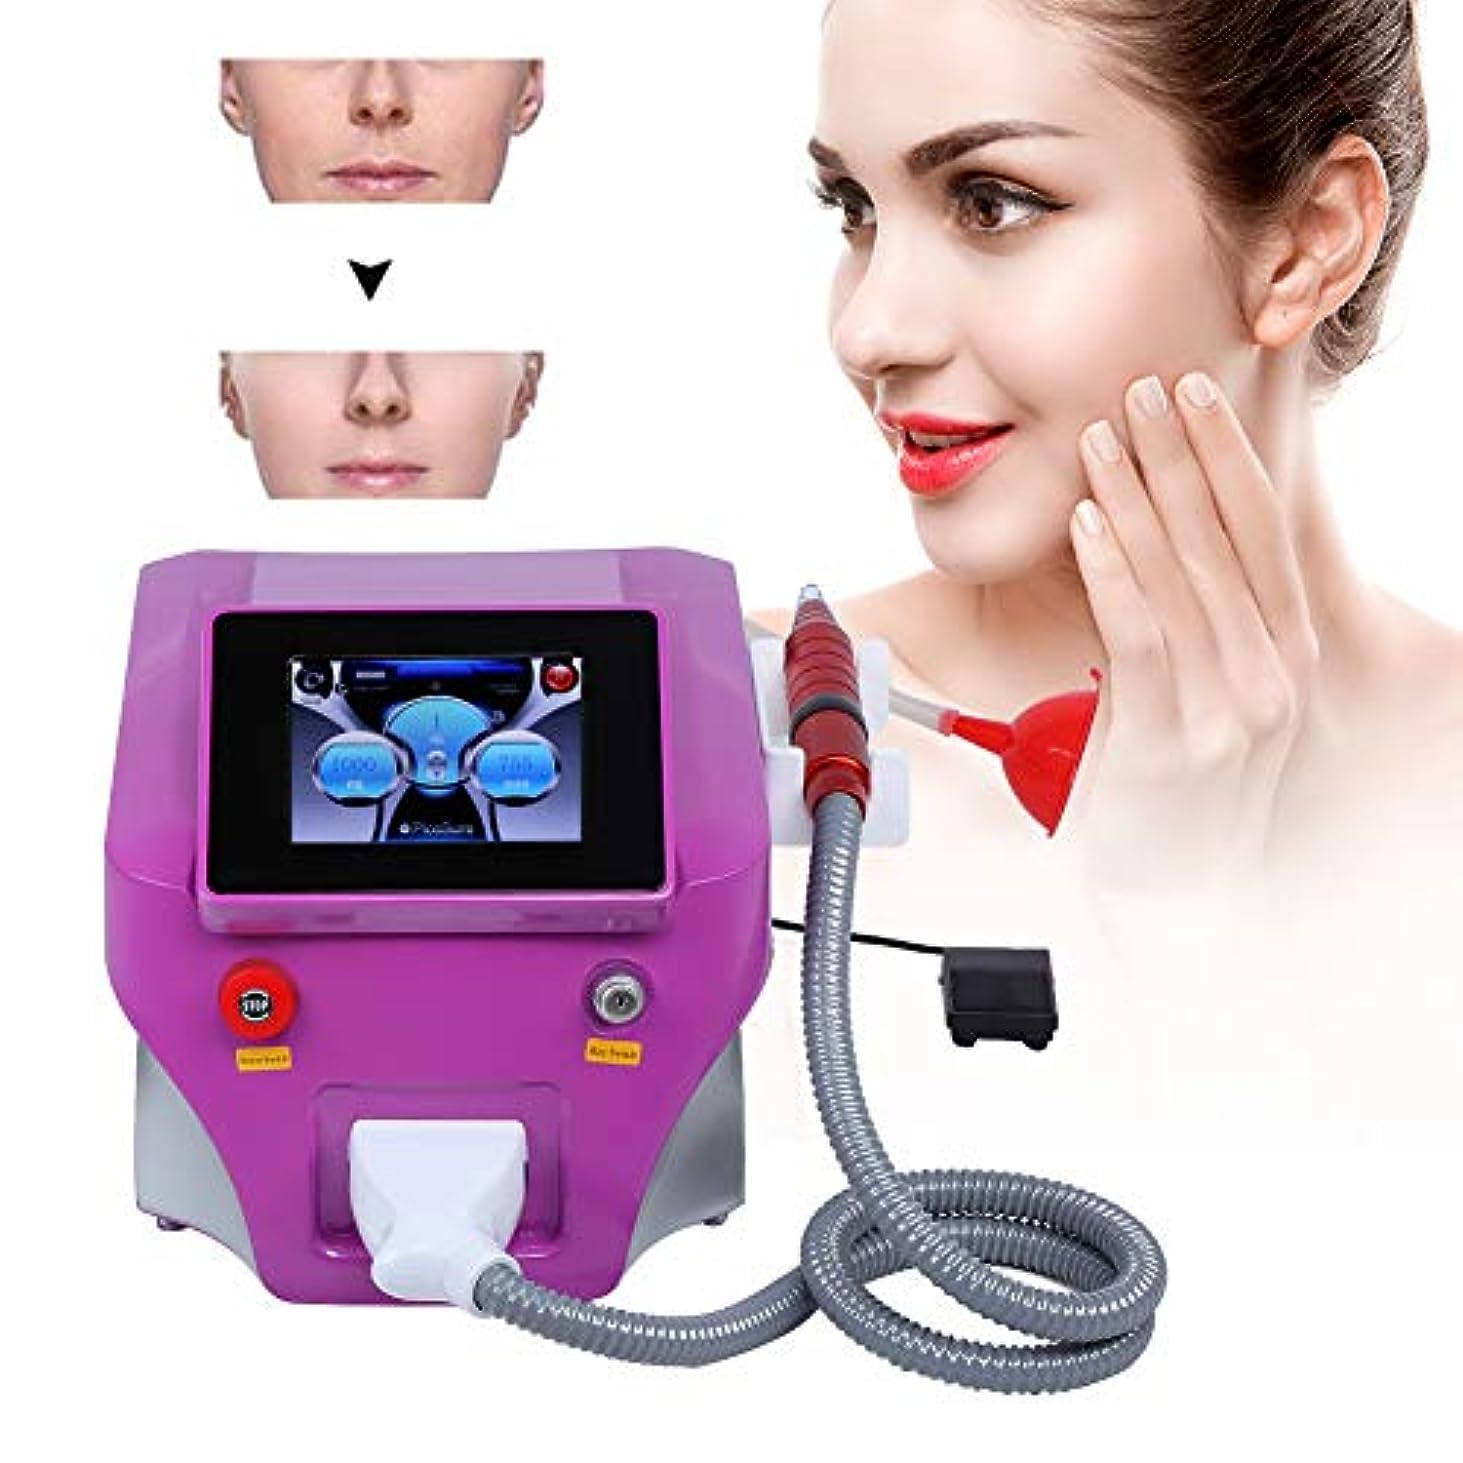 デッキどんよりした表現美容機、ピコ秒タトゥー顔料除去美容機皮膚美白デバイス(US)